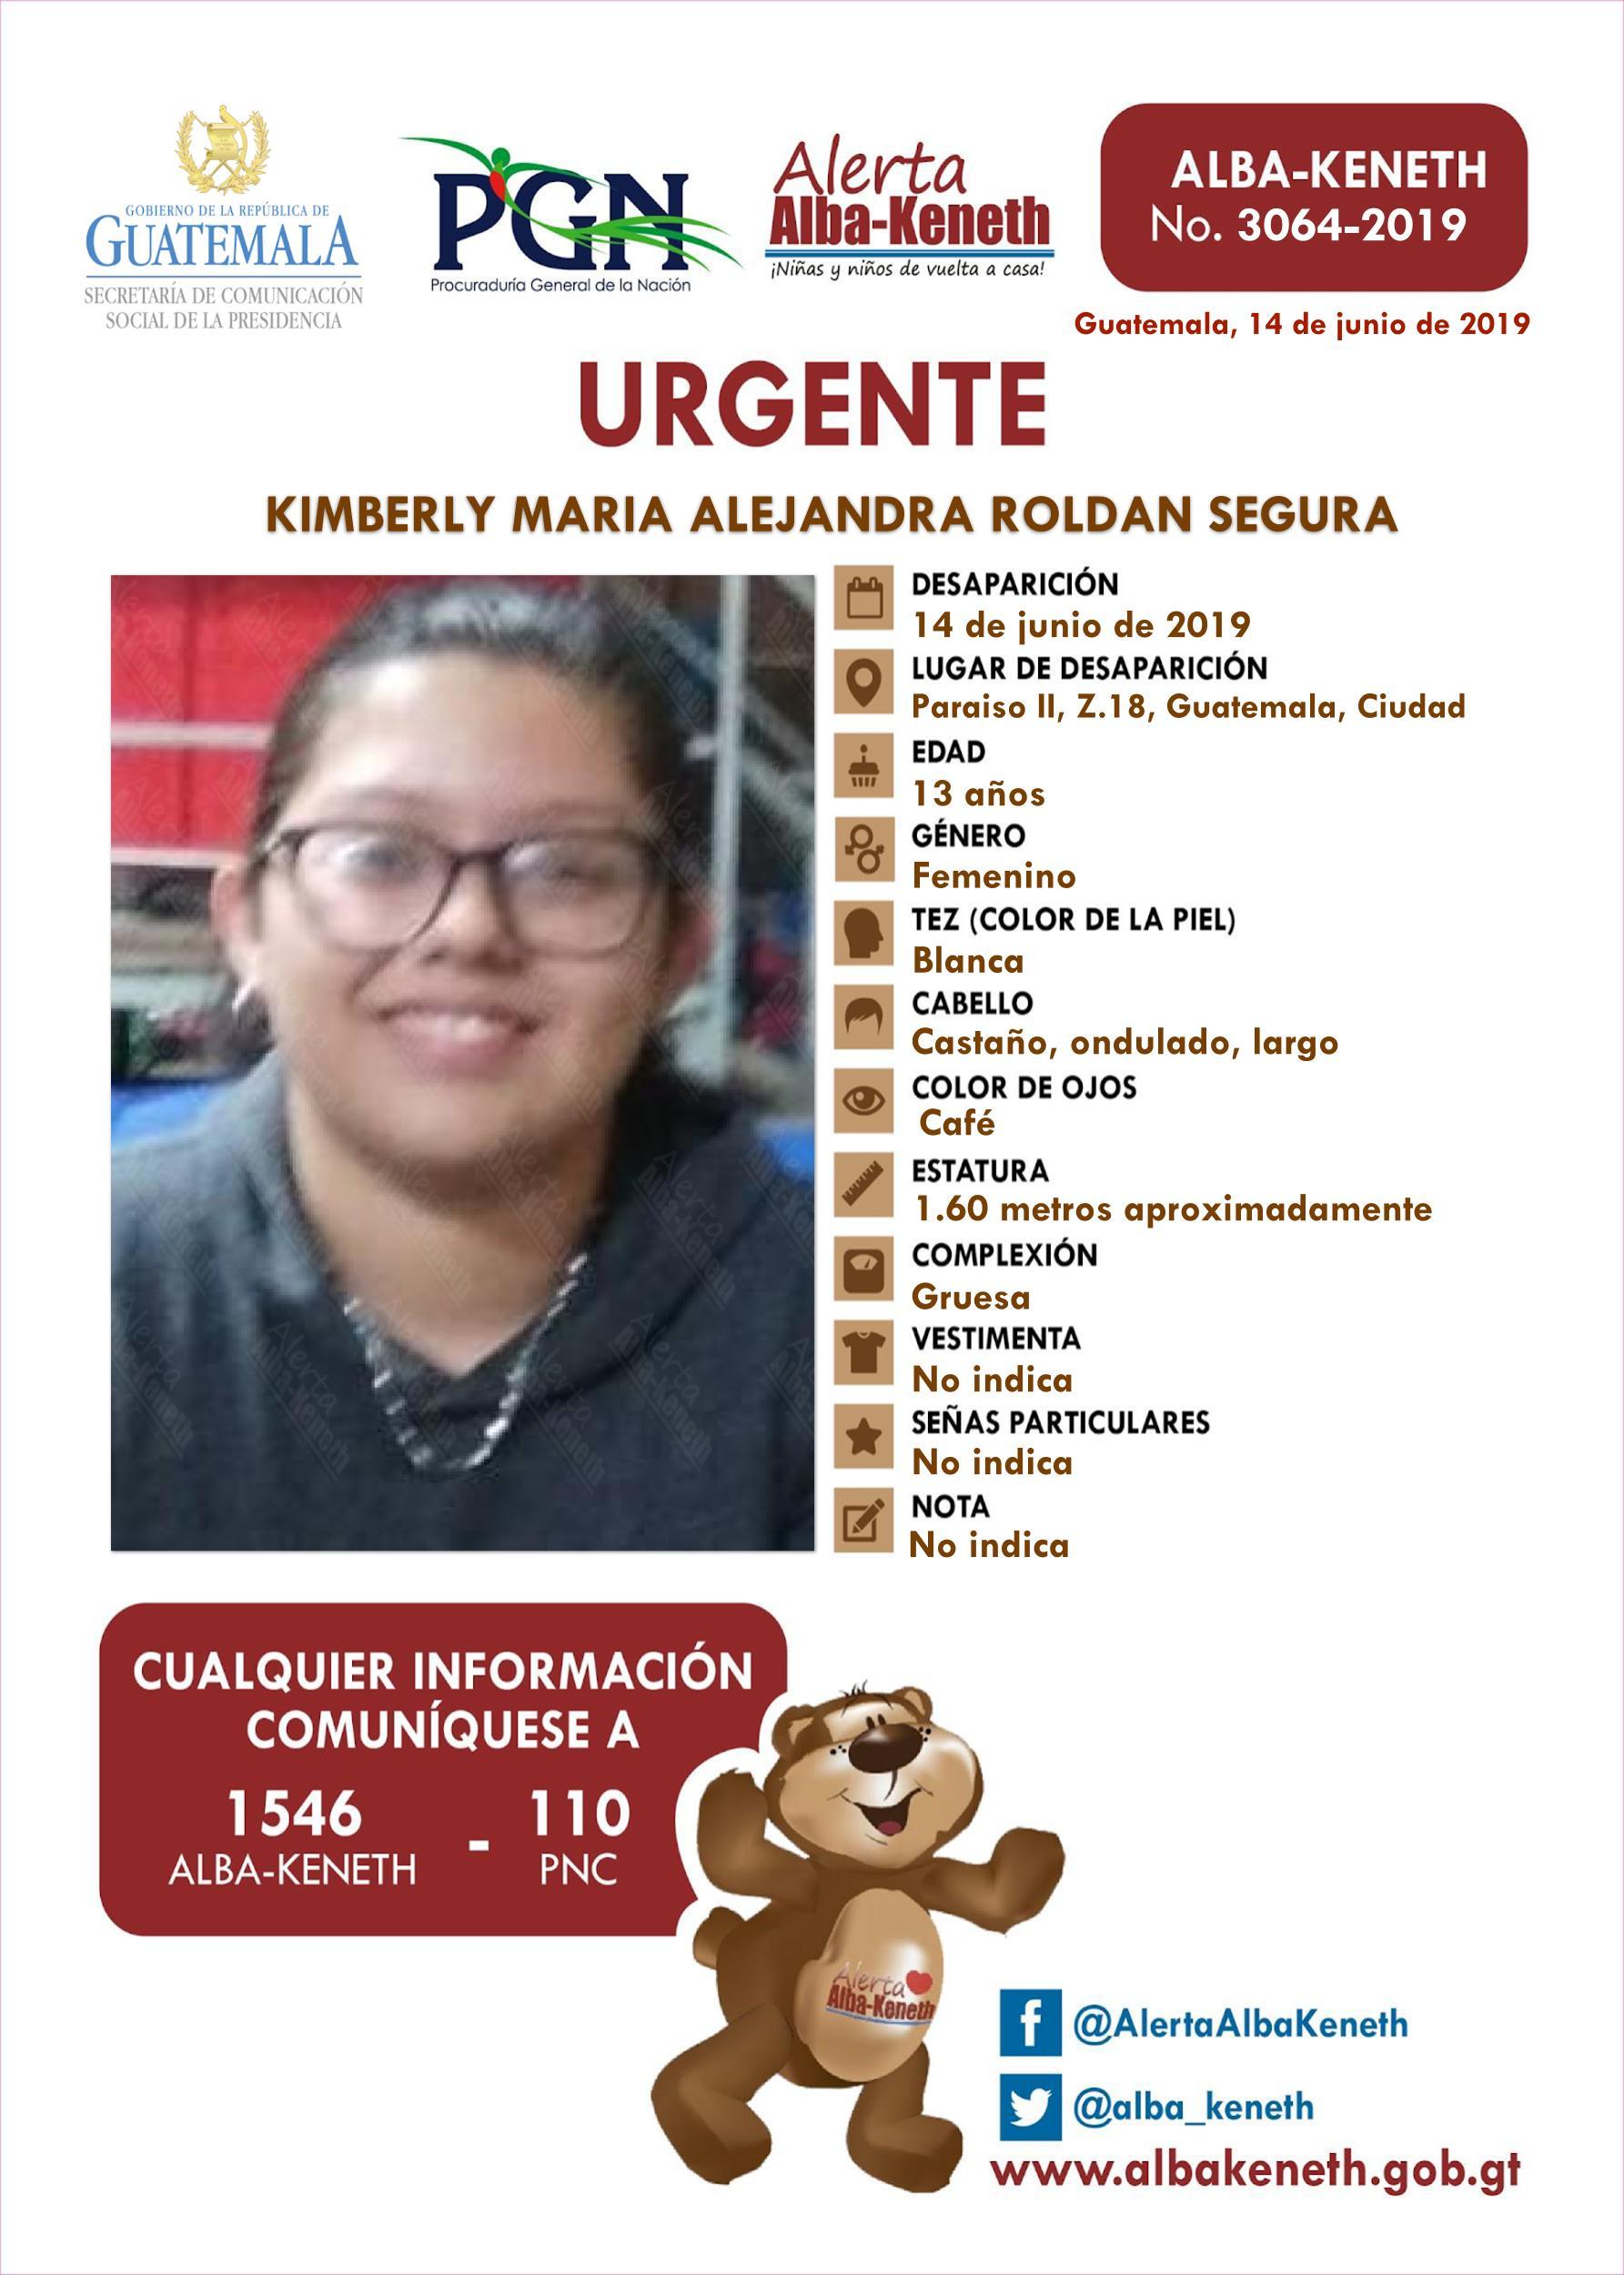 Kimberly Maria Alejandra Roldan Segura